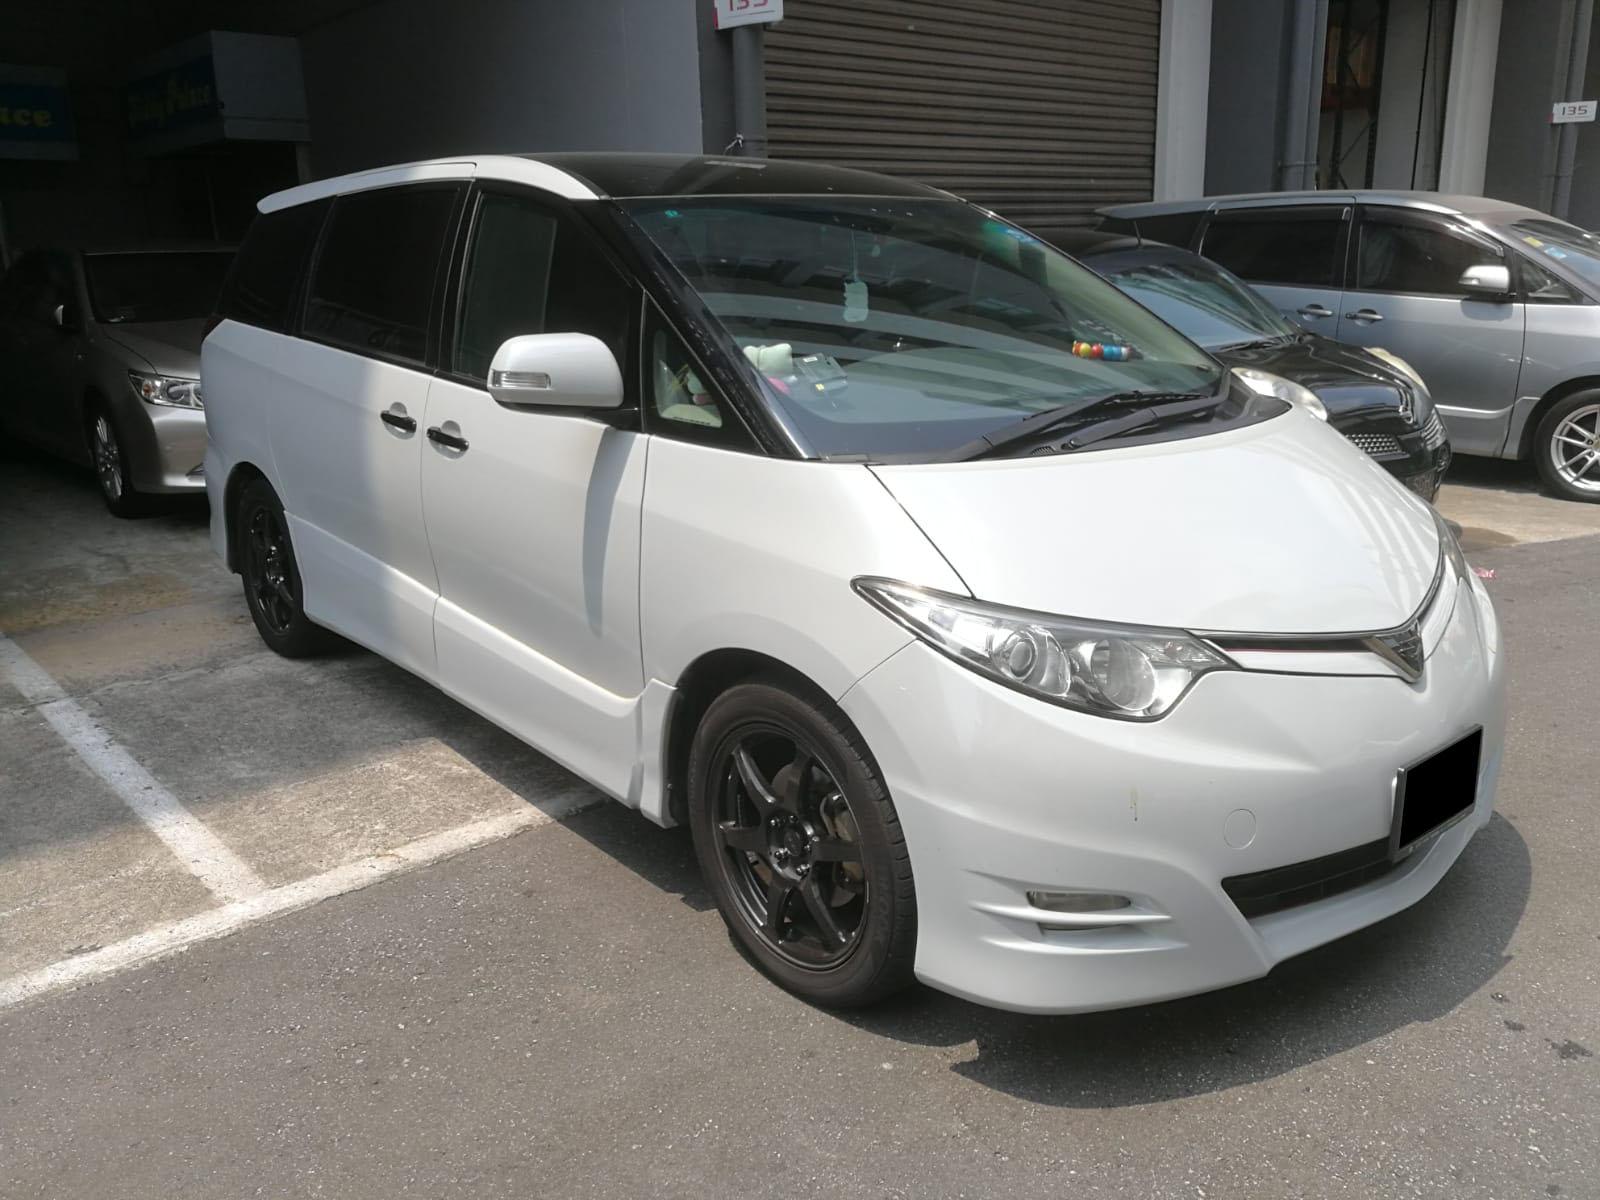 Toyota Estima 2.4 (For Rent)